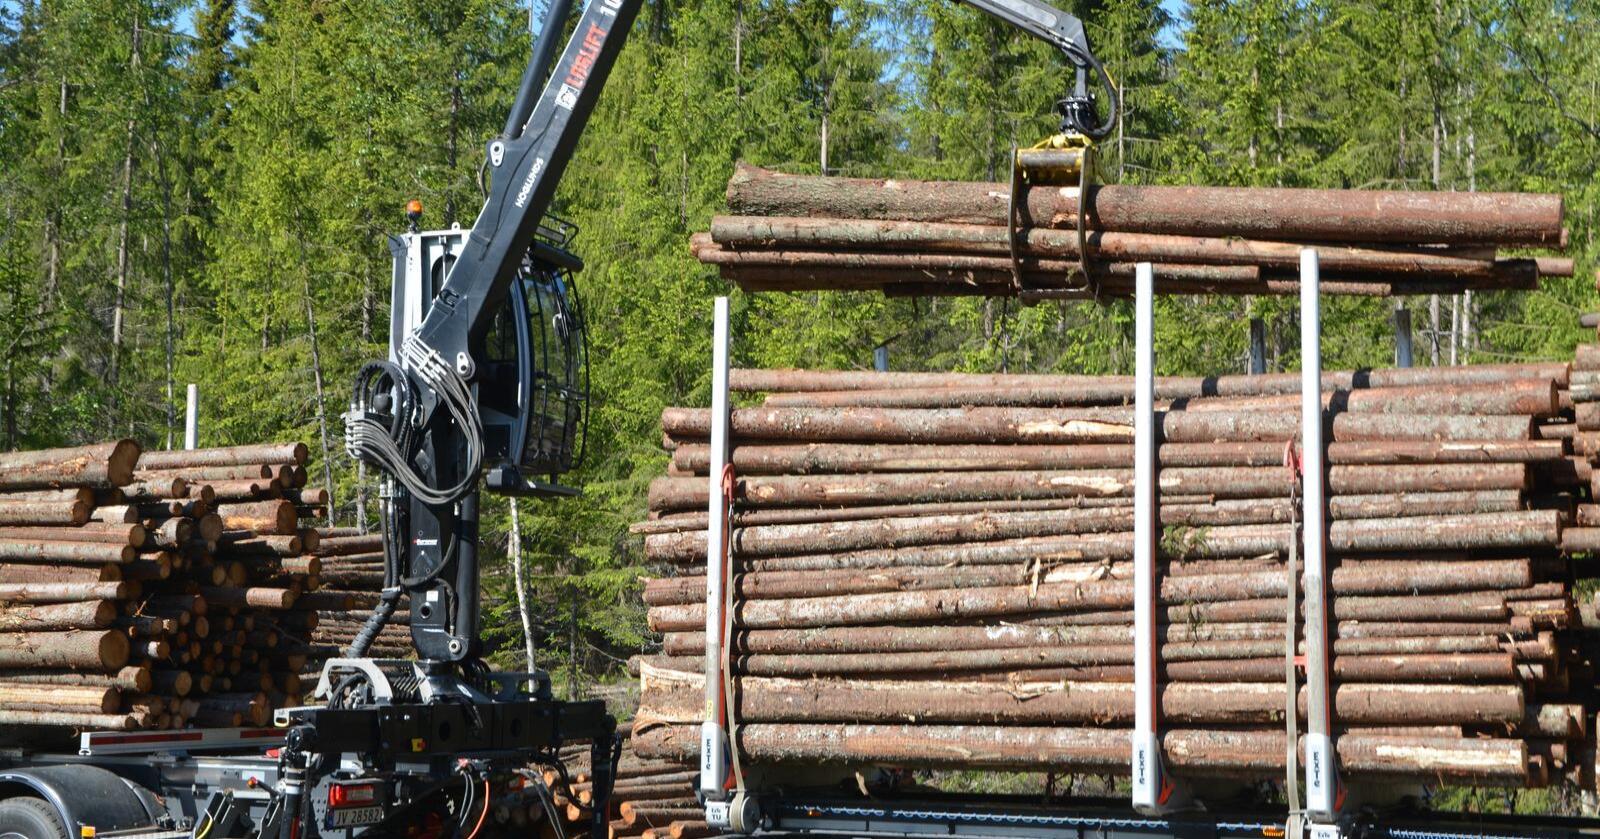 Eierskap: Opposisjonen frykter det blir enklere for utenlandske, kapitalsterke selskaper å overta skogeiendommer i Norge uten konsesjonsbehandling. Bildet er tatt i Buskerud.